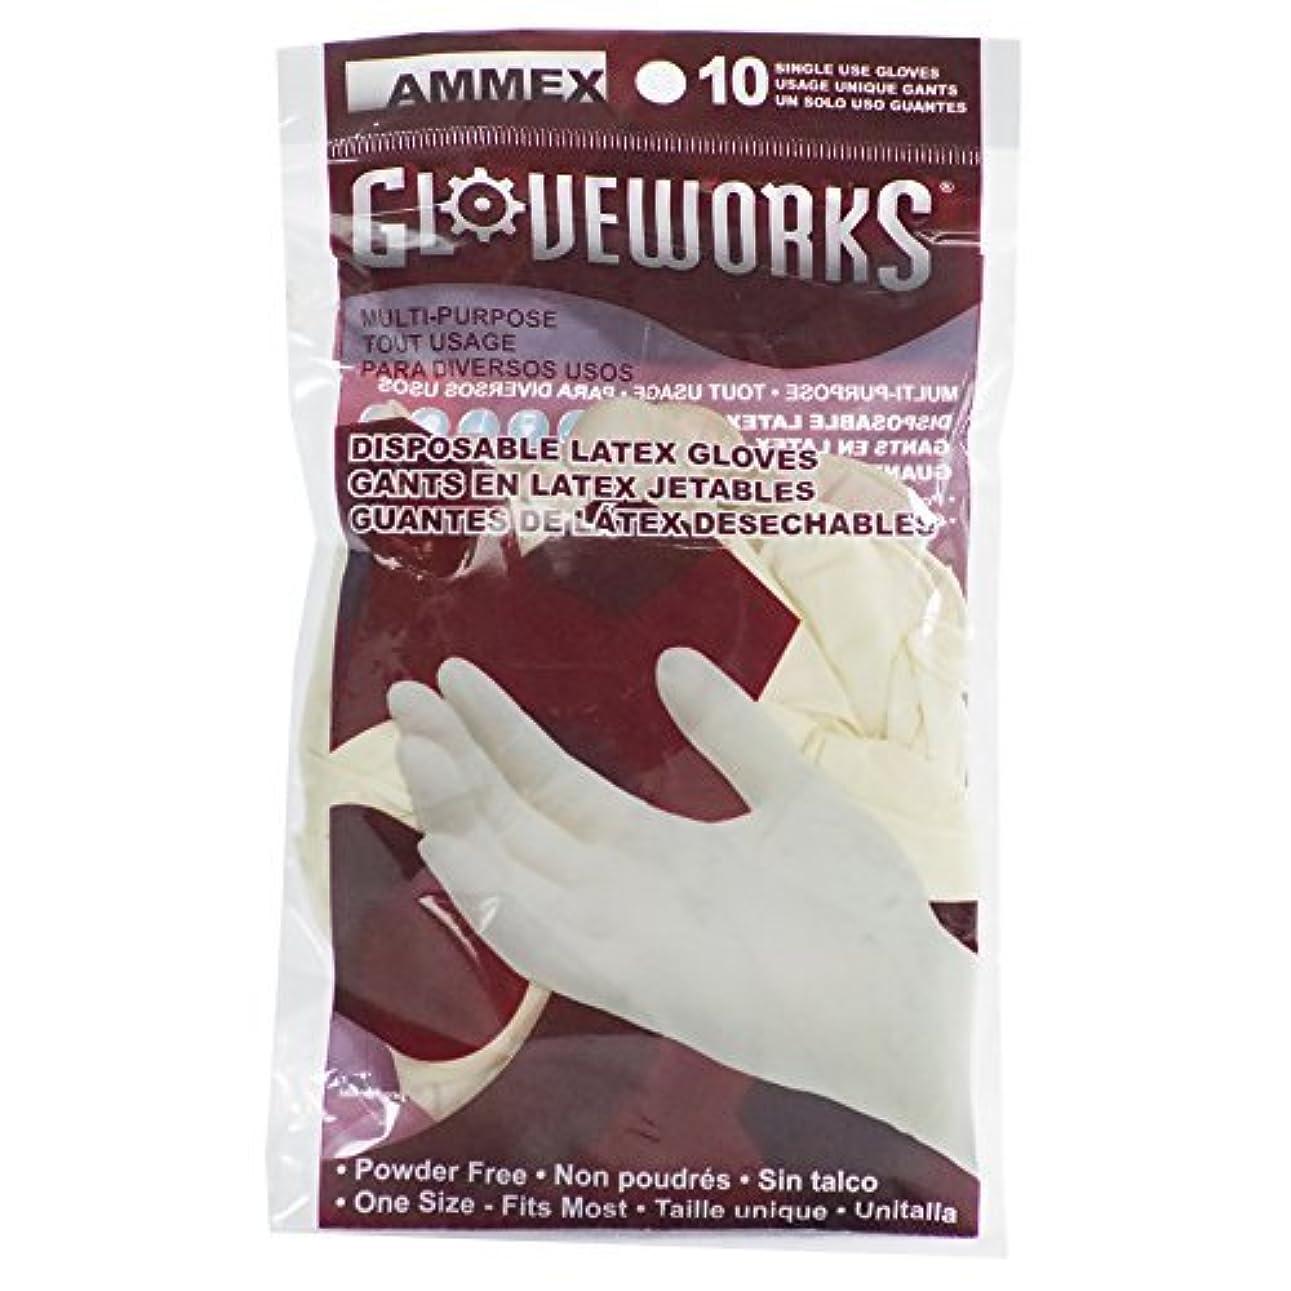 工夫するシエスタ北方AMMEX - GWL10PK - Latex Gloves - Gloveworks - 10/pack Disposable Powder Free 4 mil Uni-size White (Case of 250...